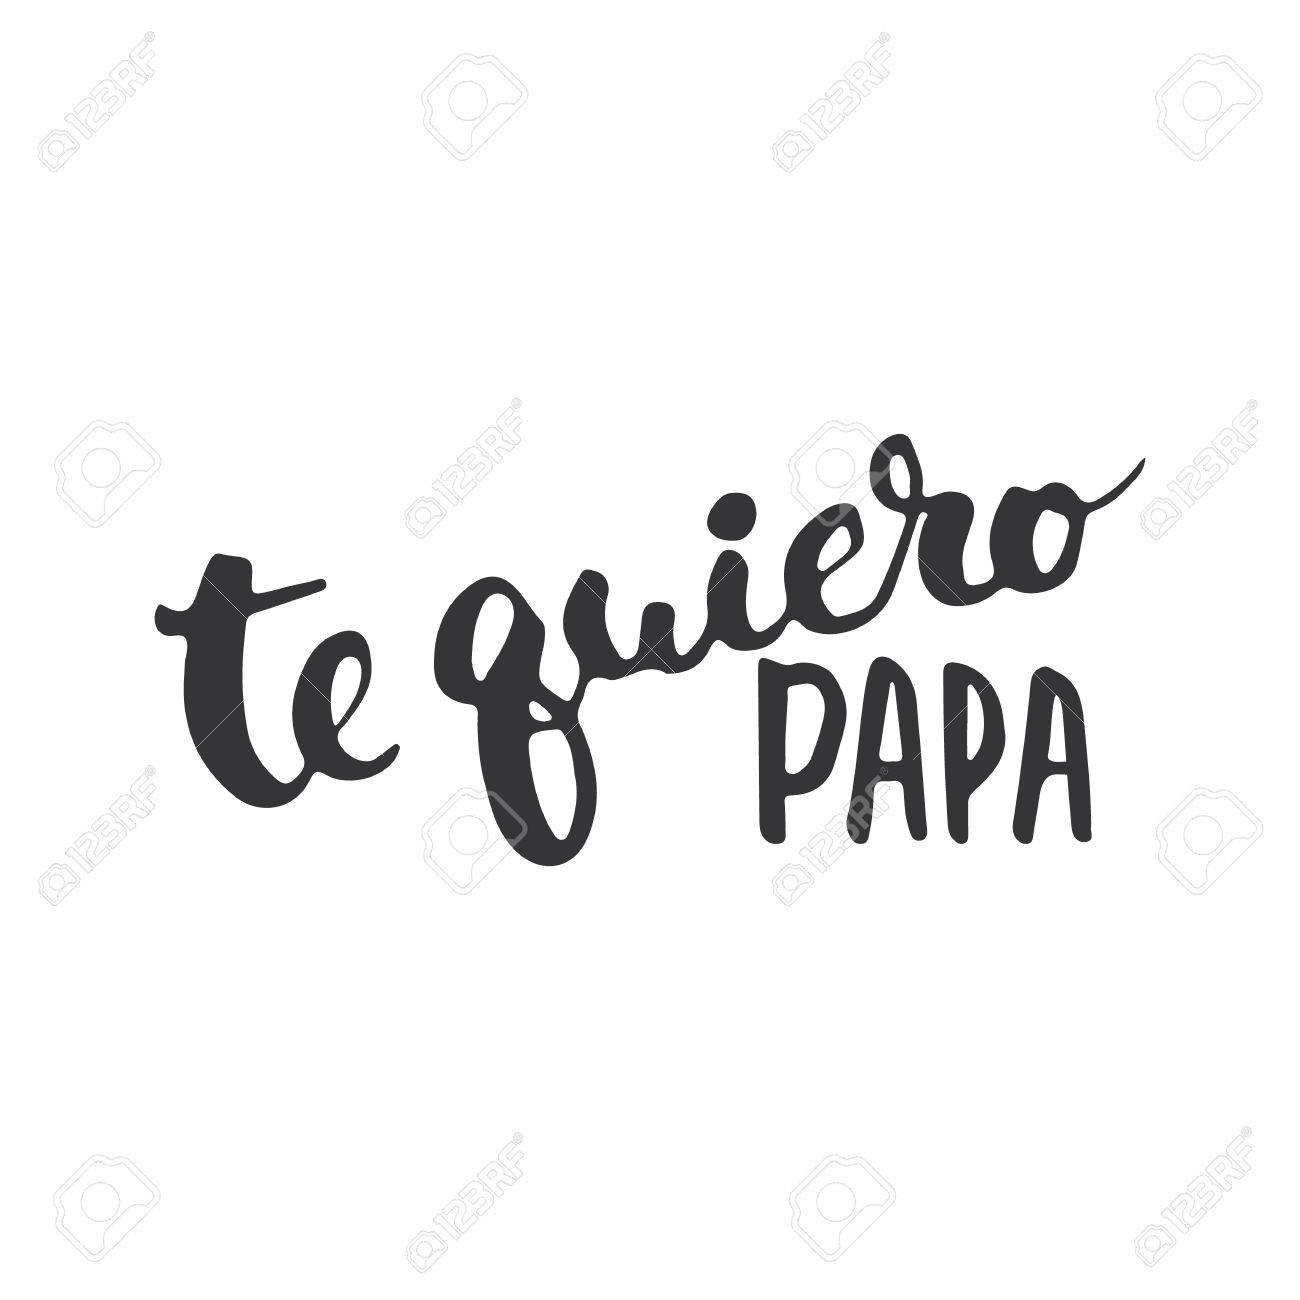 Día De Las Letras De Una Frase Caligrafía Del Padre En Español Te Quiero Papá Tarjeta De Felicitación Aislada En El Fondo Blanco Ilustración Para